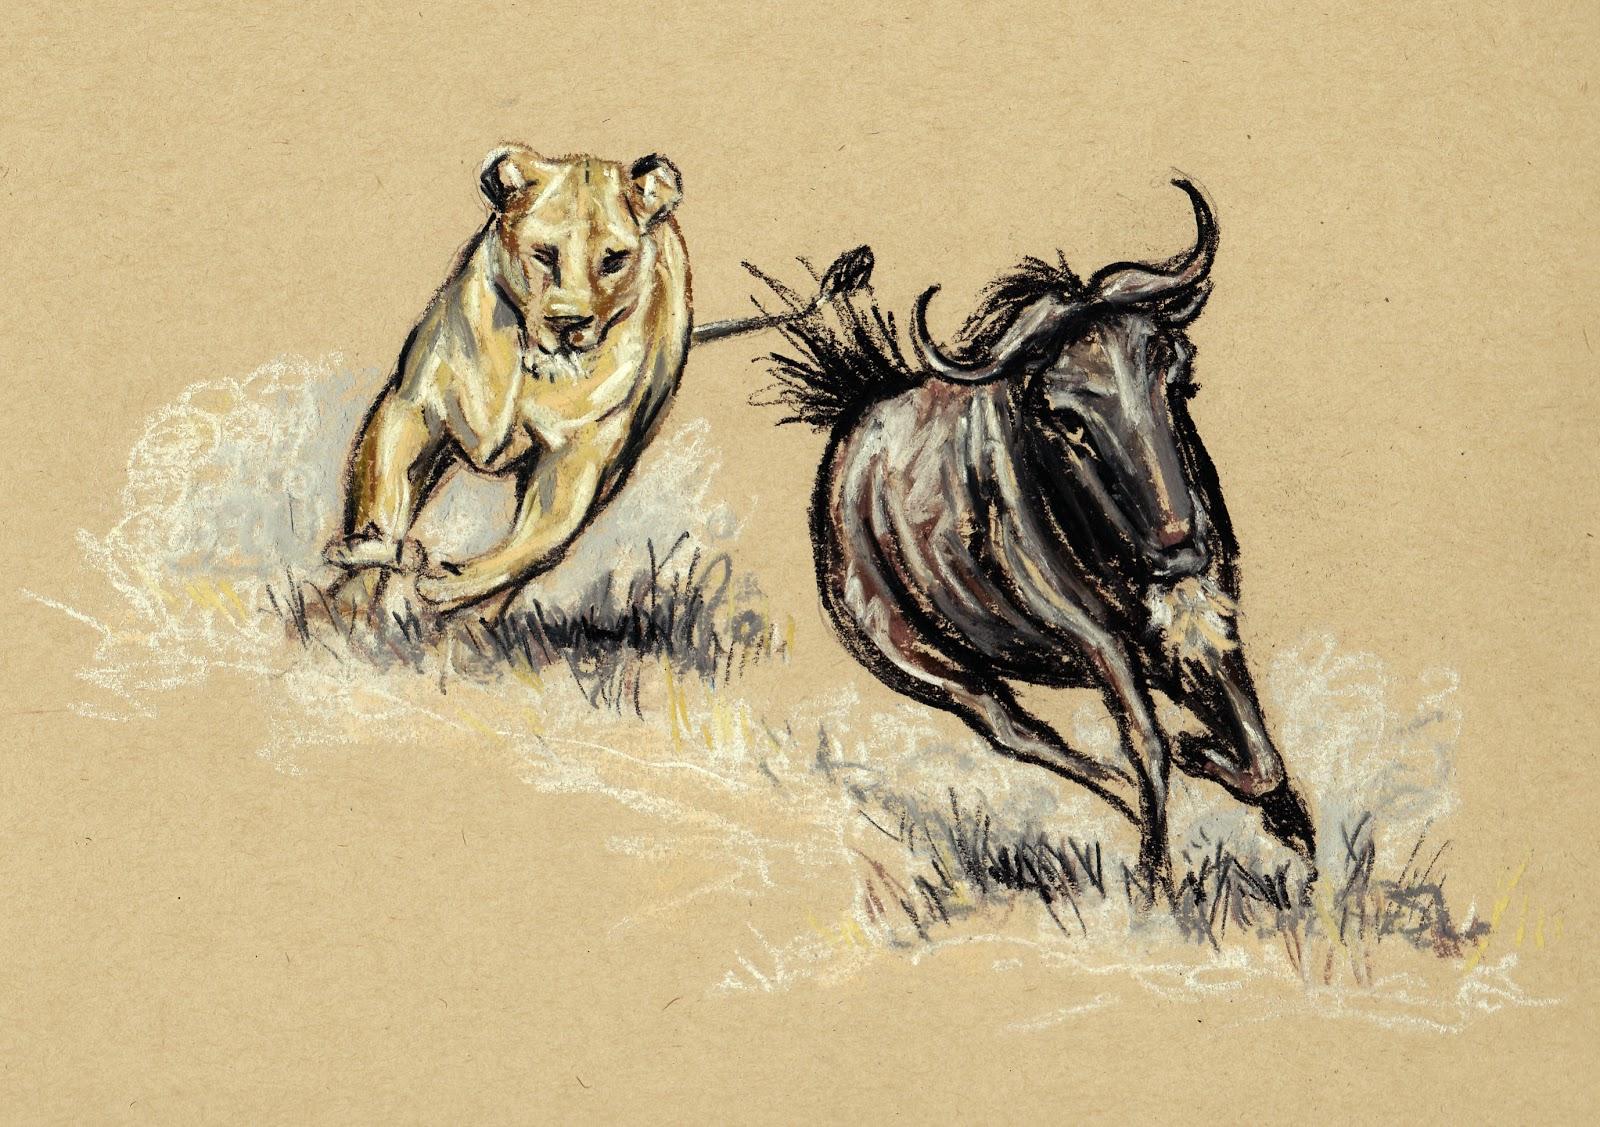 1600x1127 Wildebeest Drawings